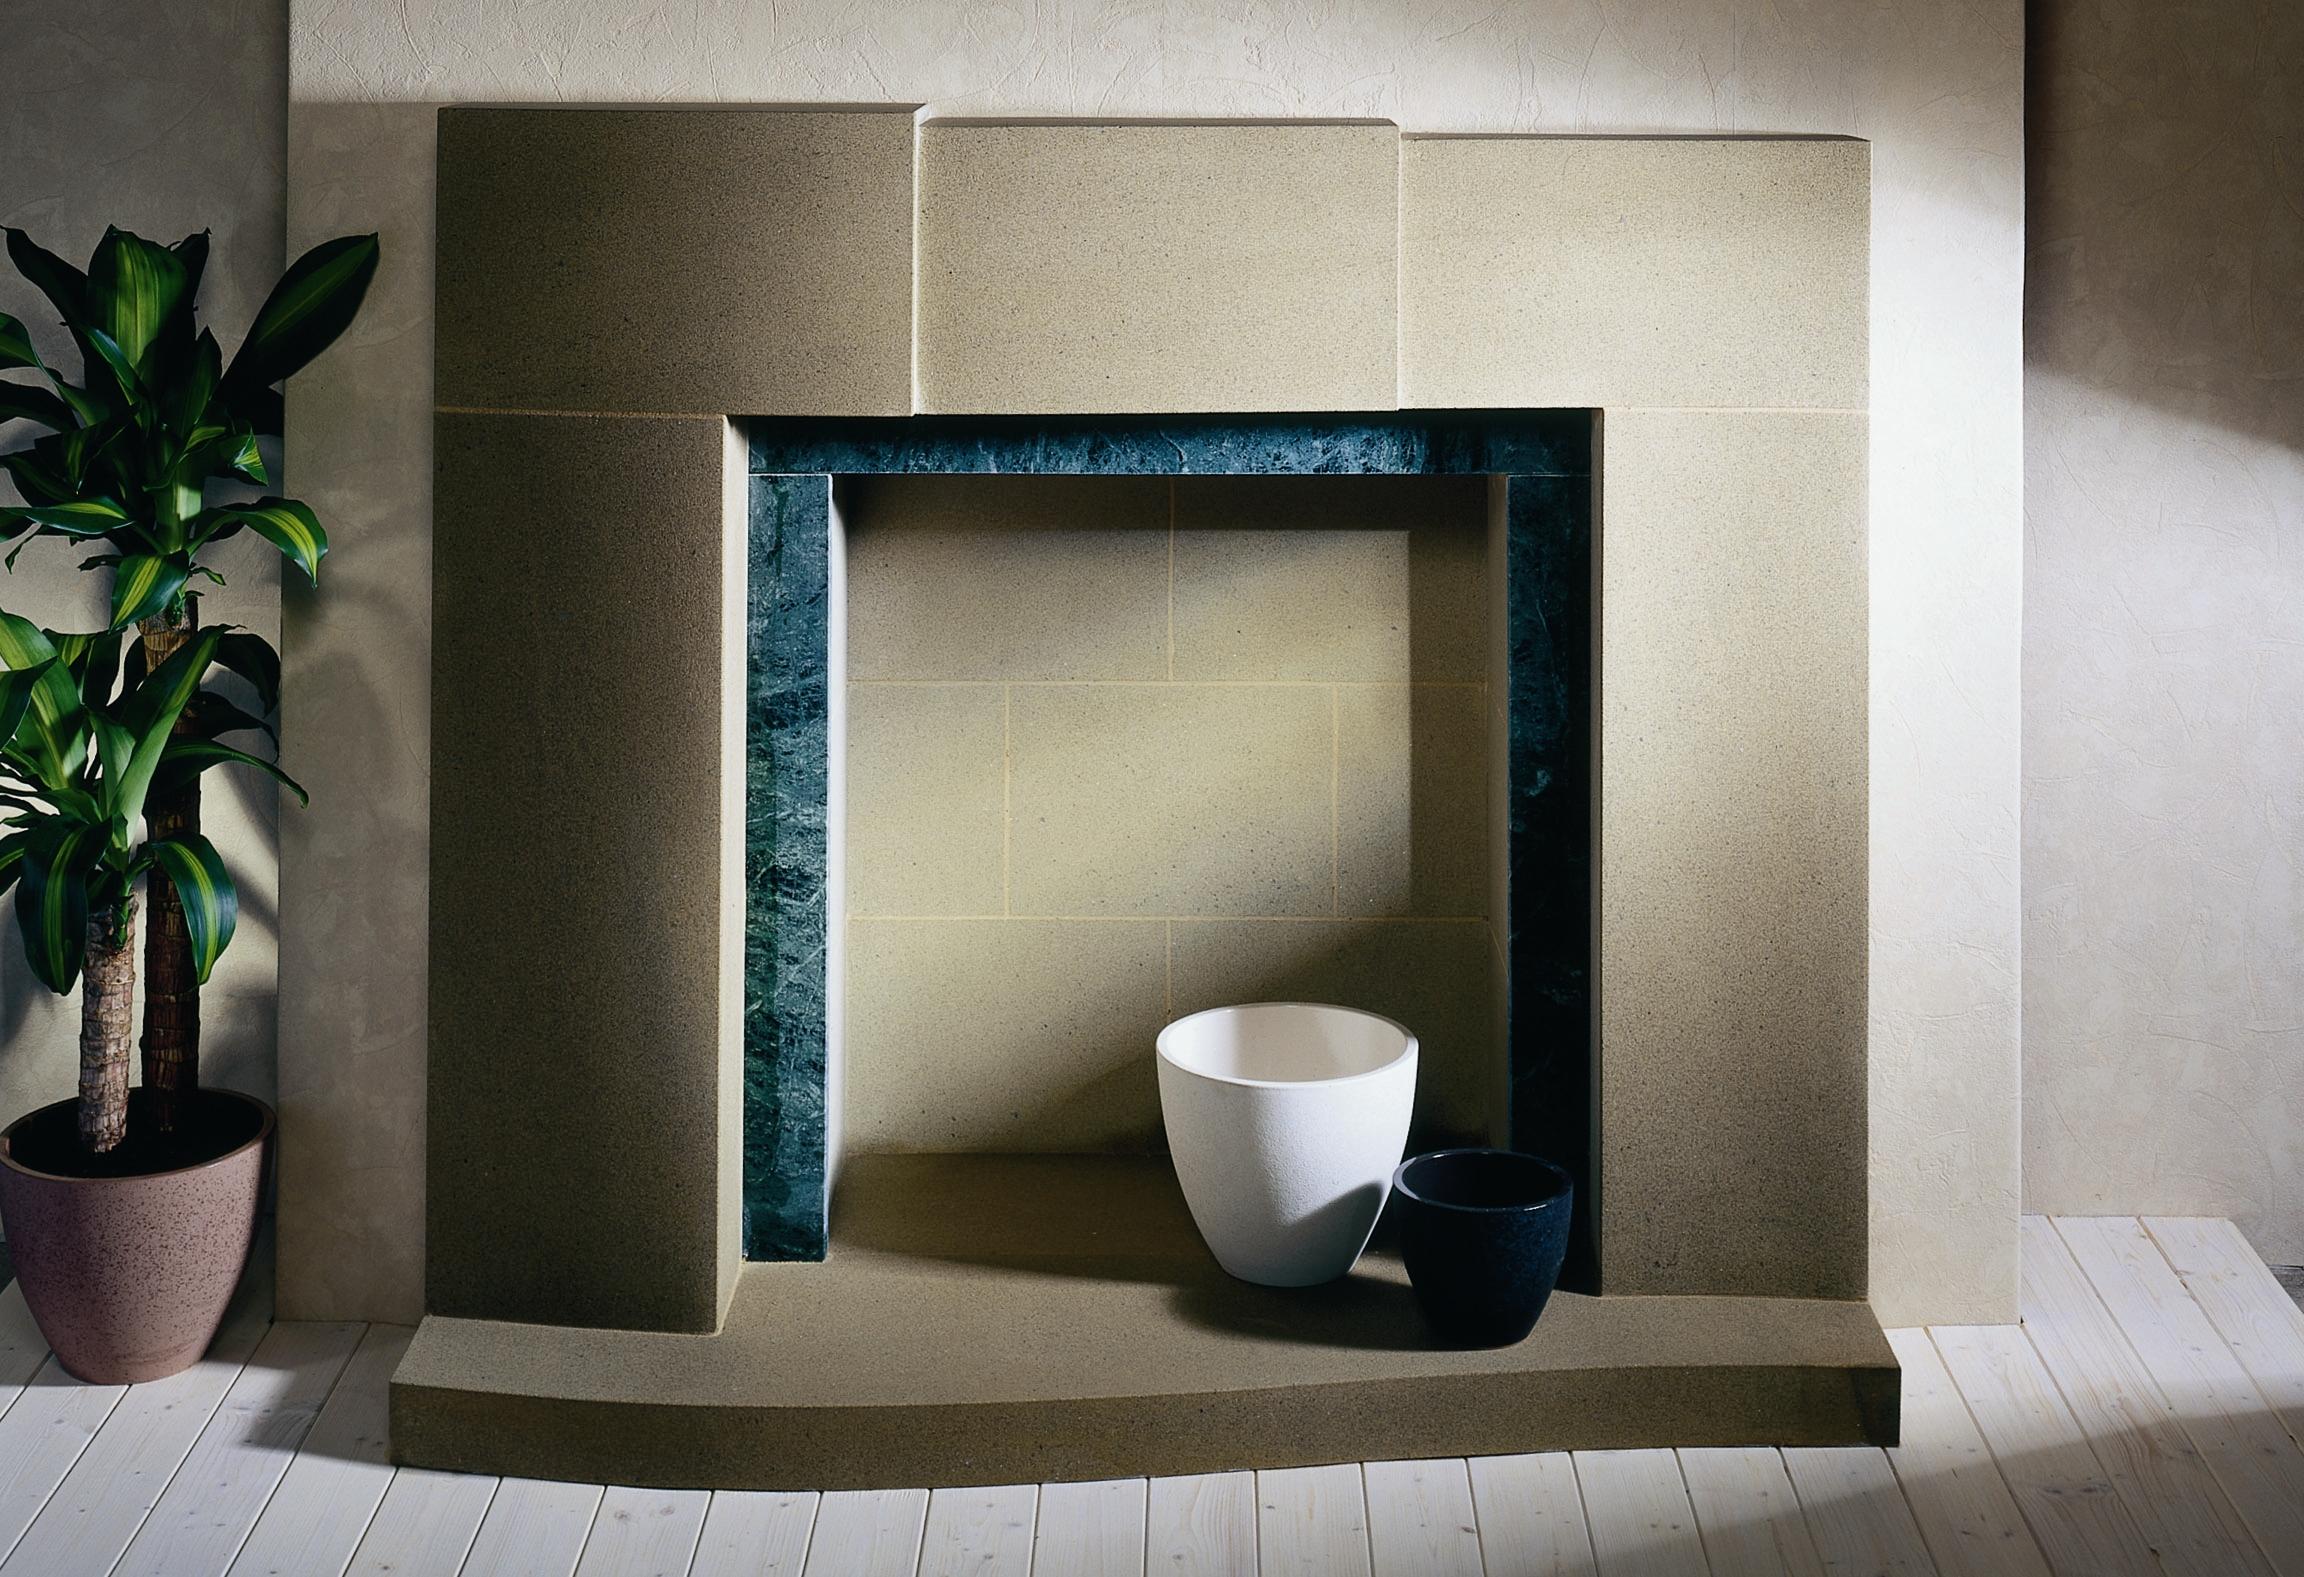 4. Derbyshire stone asymmetric fireplace with green Italian slate slips – Harrogate